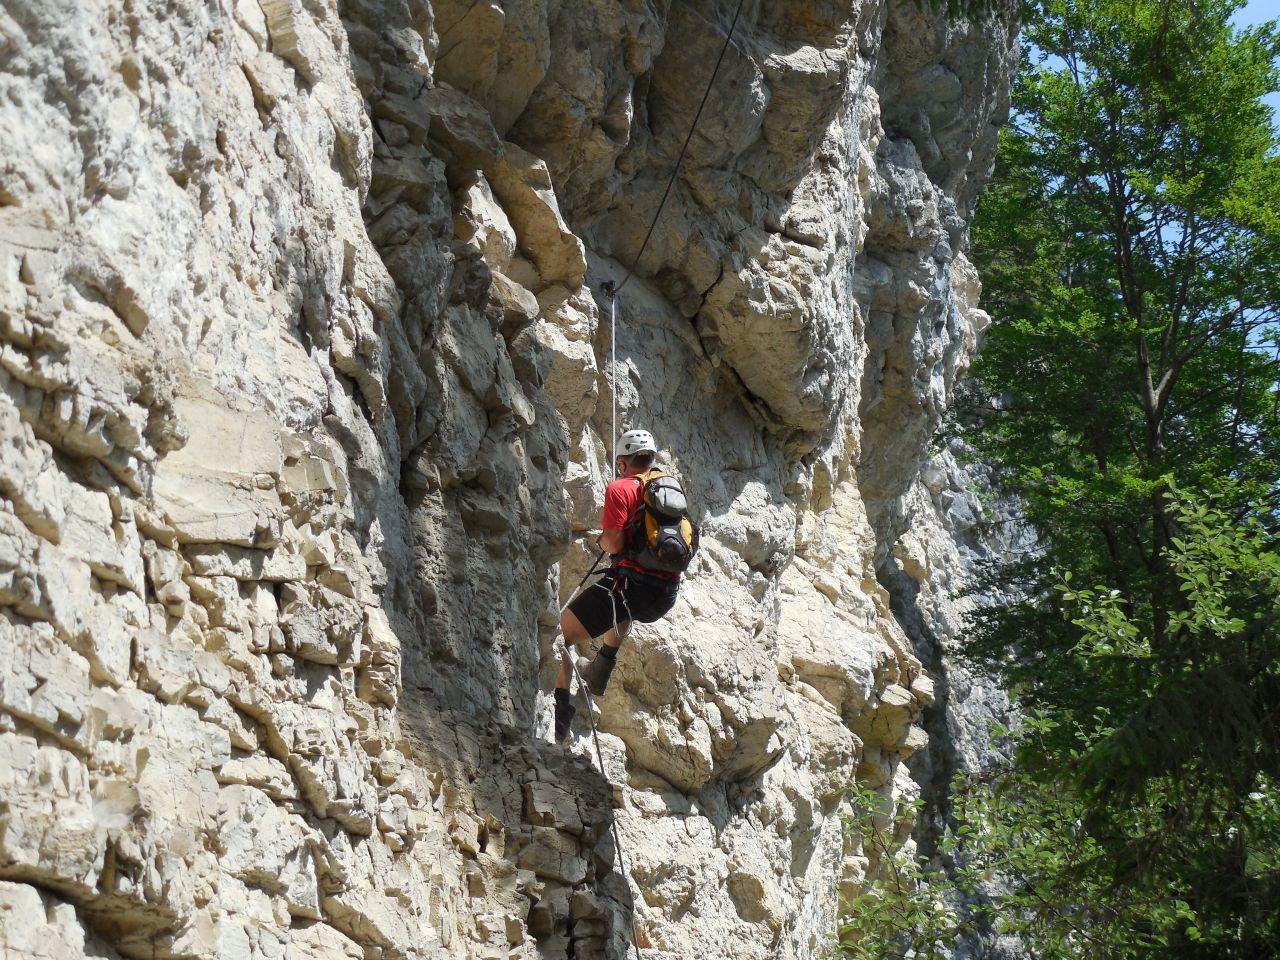 Klettersteig Postalmklamm : 12.7.2015 klettersteig postalmklamm alpenverein